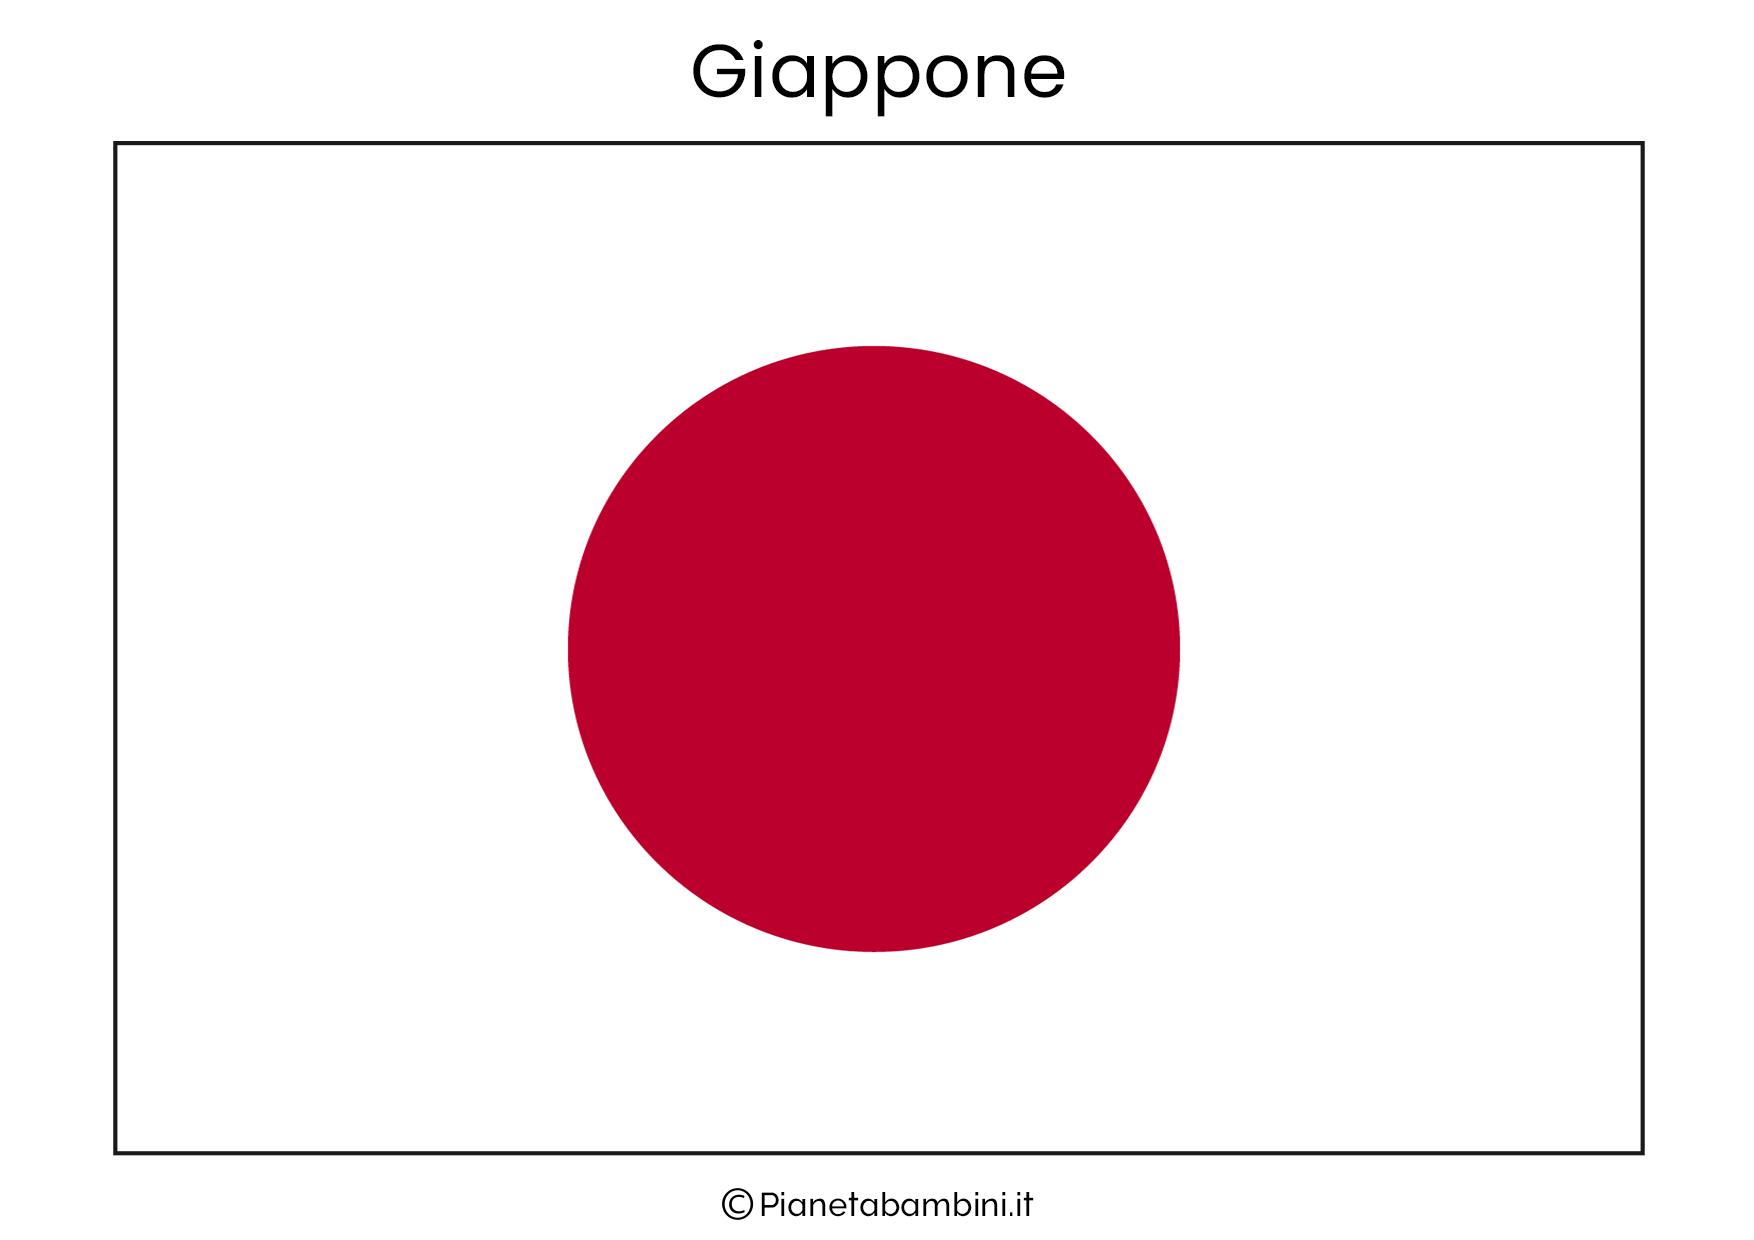 Bandiera del Giappone da stampare